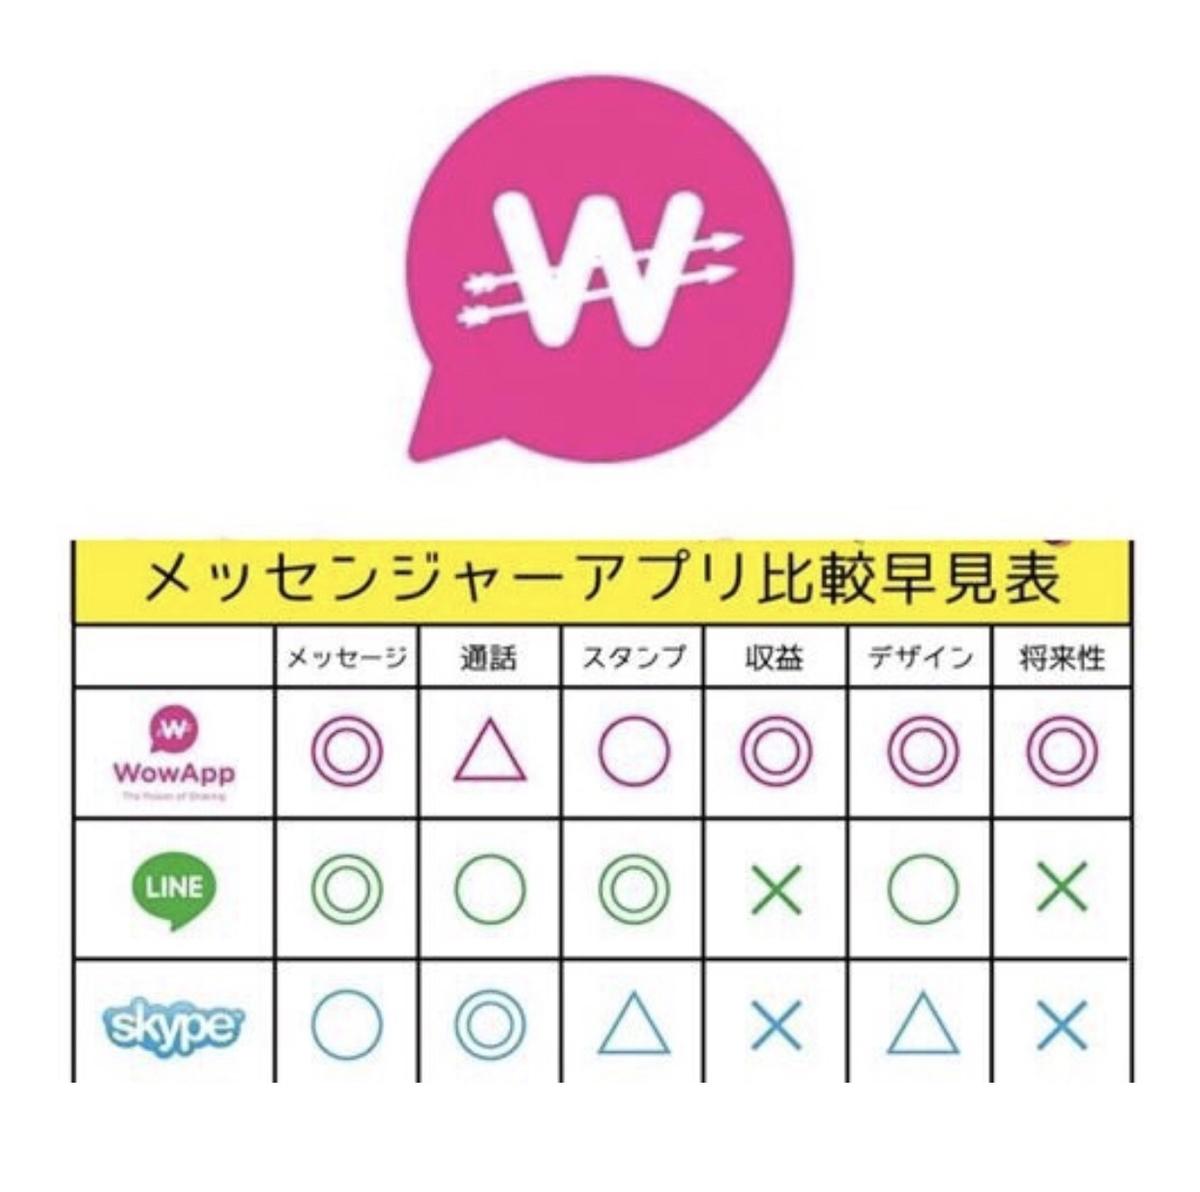 f:id:kaoruikeda:20201115181920j:plain